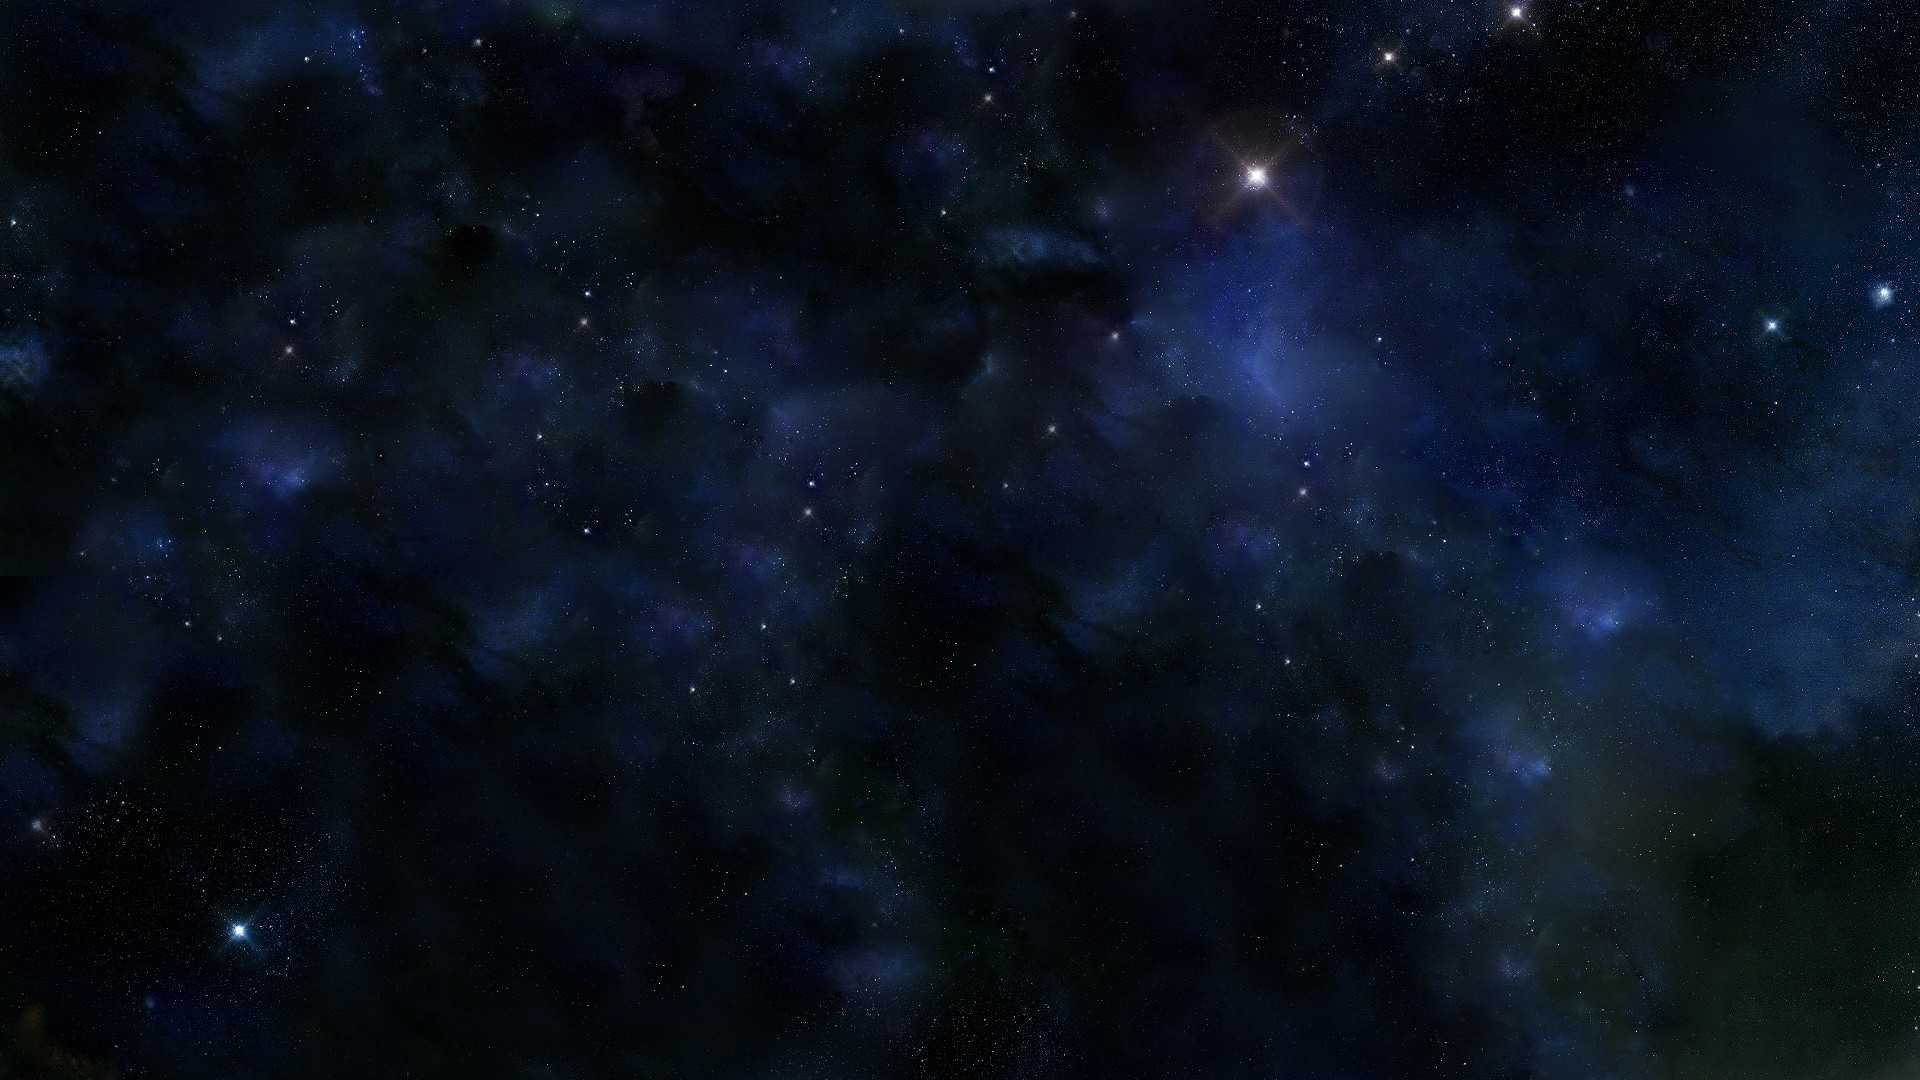 Dark galaxy wallpaper full hd